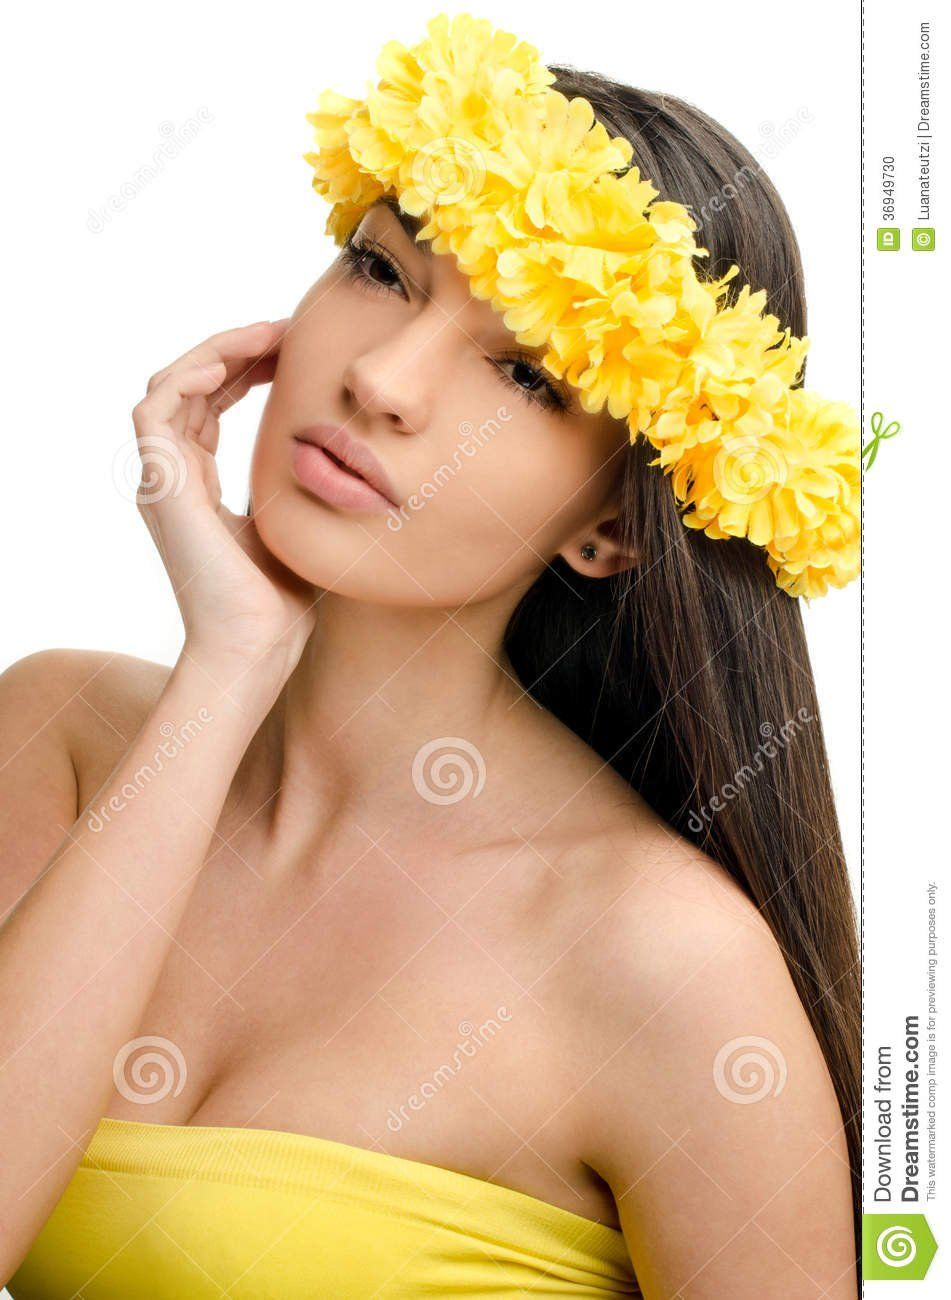 Twisty reccomend Beautiful woman in luau